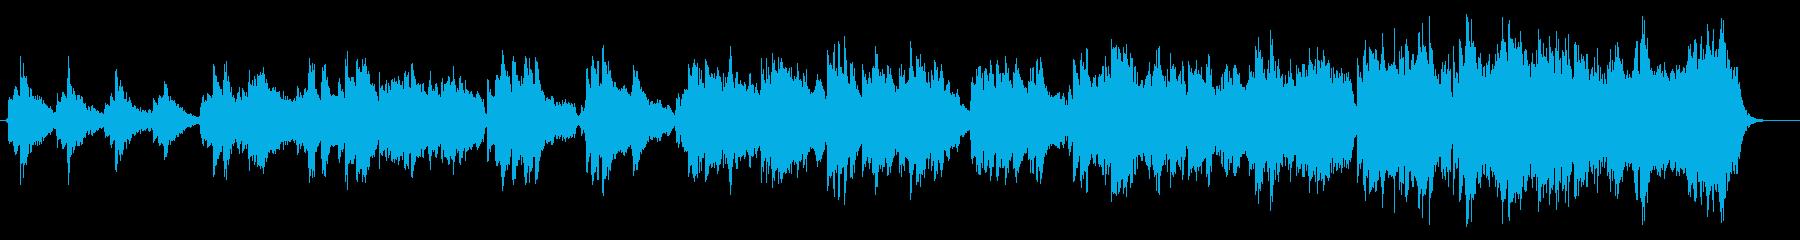 二胡、琵琶などを使用したアジアンな曲の再生済みの波形